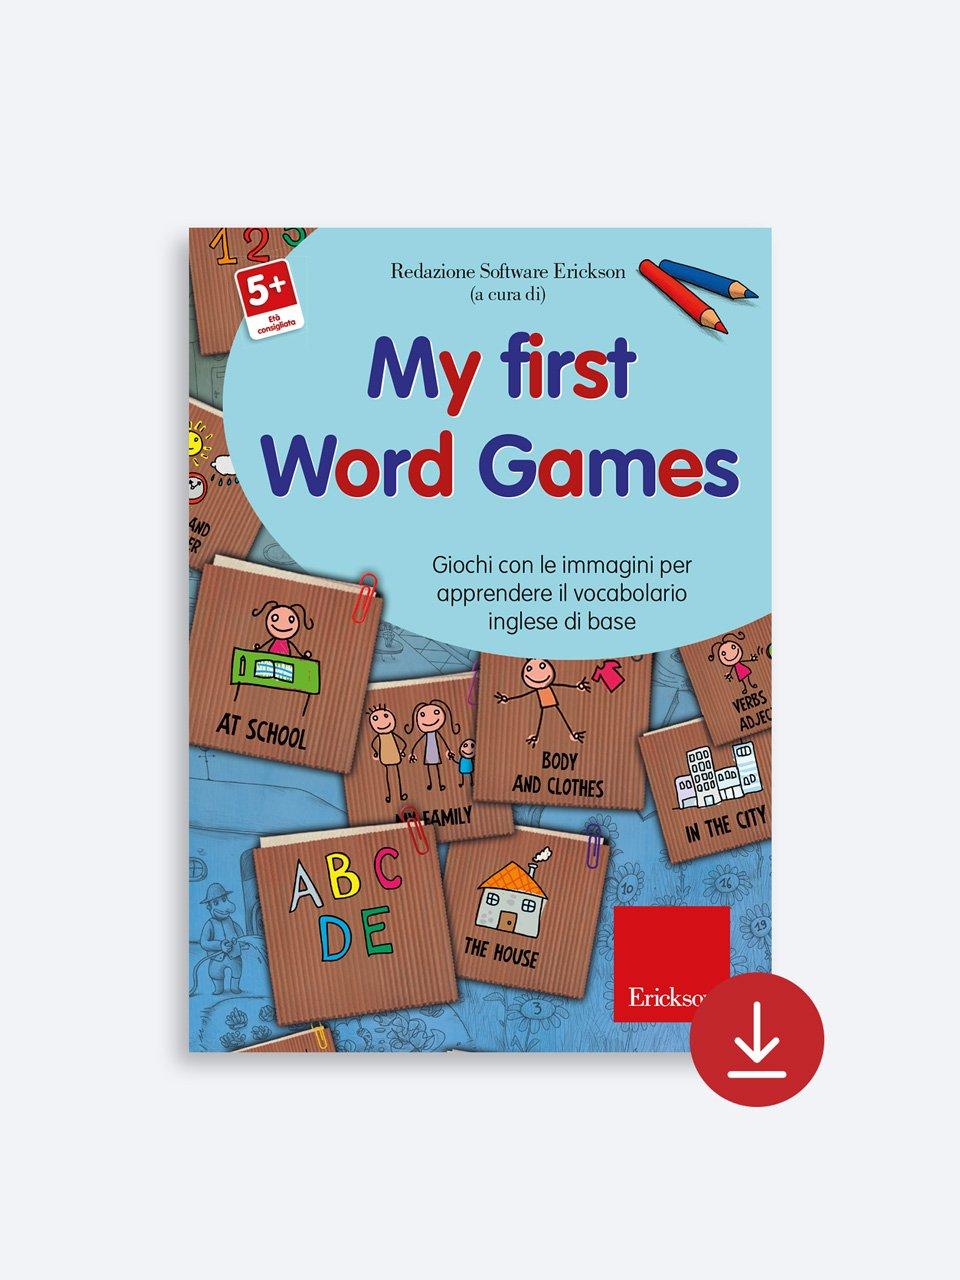 My First Word Games - App e software per Scuola, Autismo, Dislessia e DSA - Erickson 2